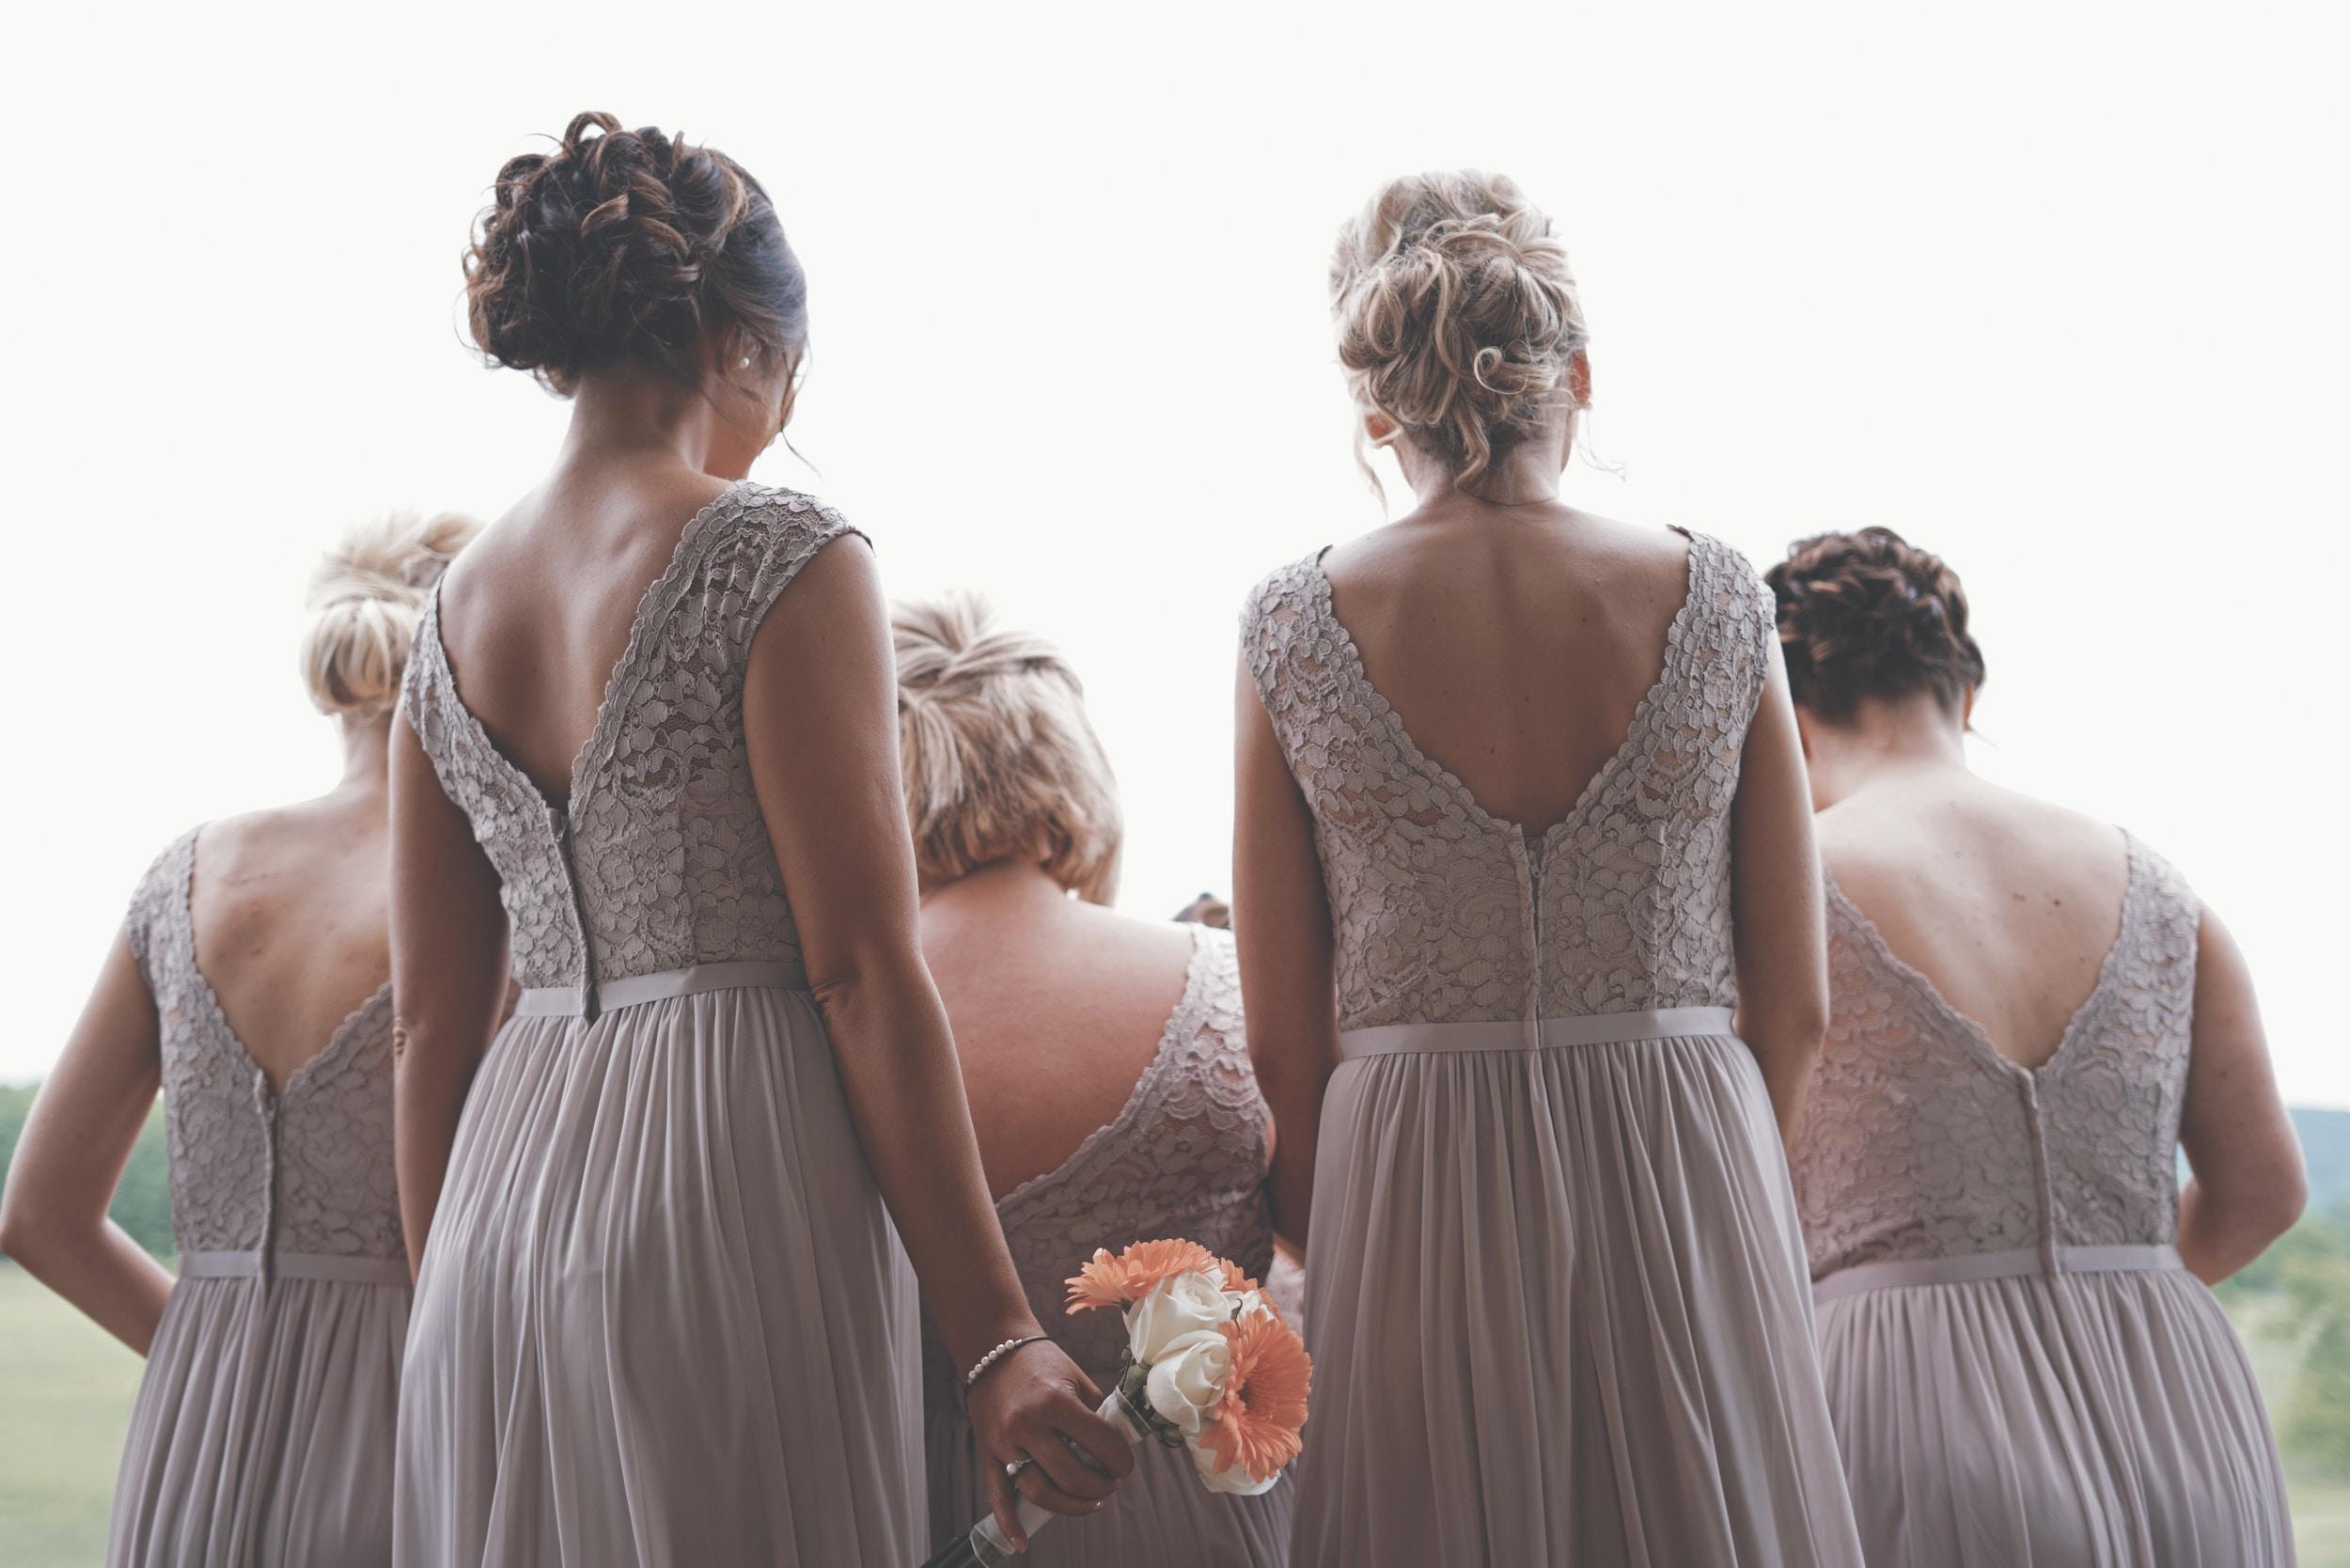 Na czym polega praca organizatora wesel i czy warto sięgnąć po jego usługi?